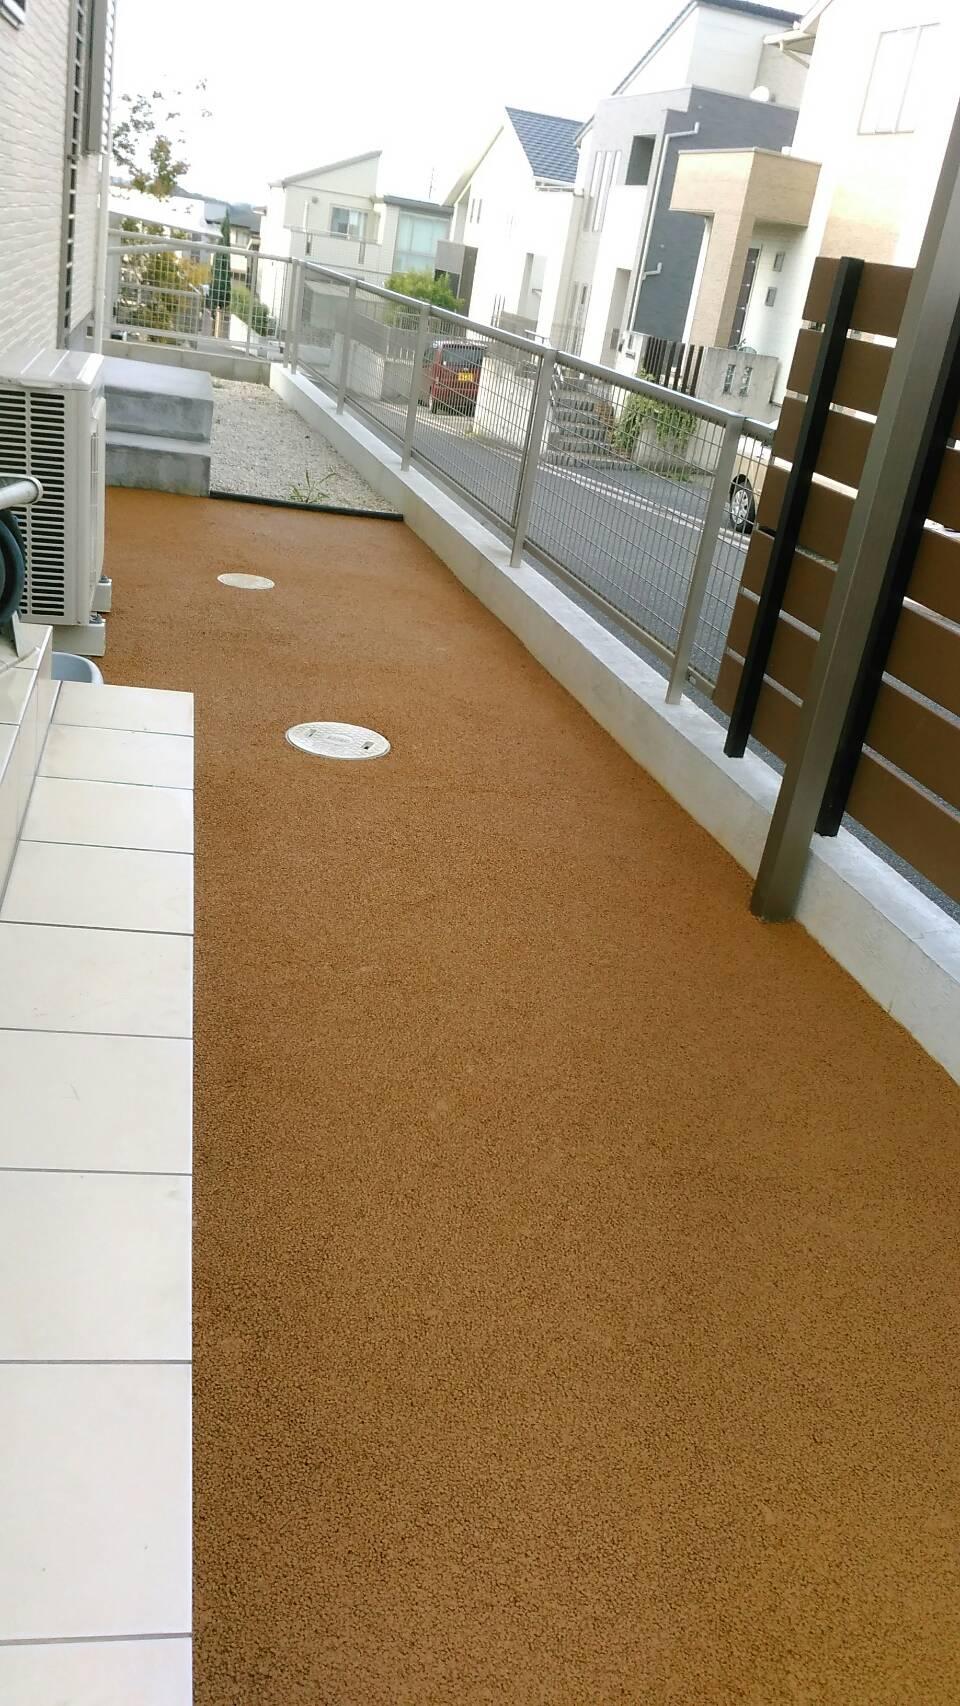 10/11施工 直方市 A邸防草工事  家の横庭を標準色で施工しました。